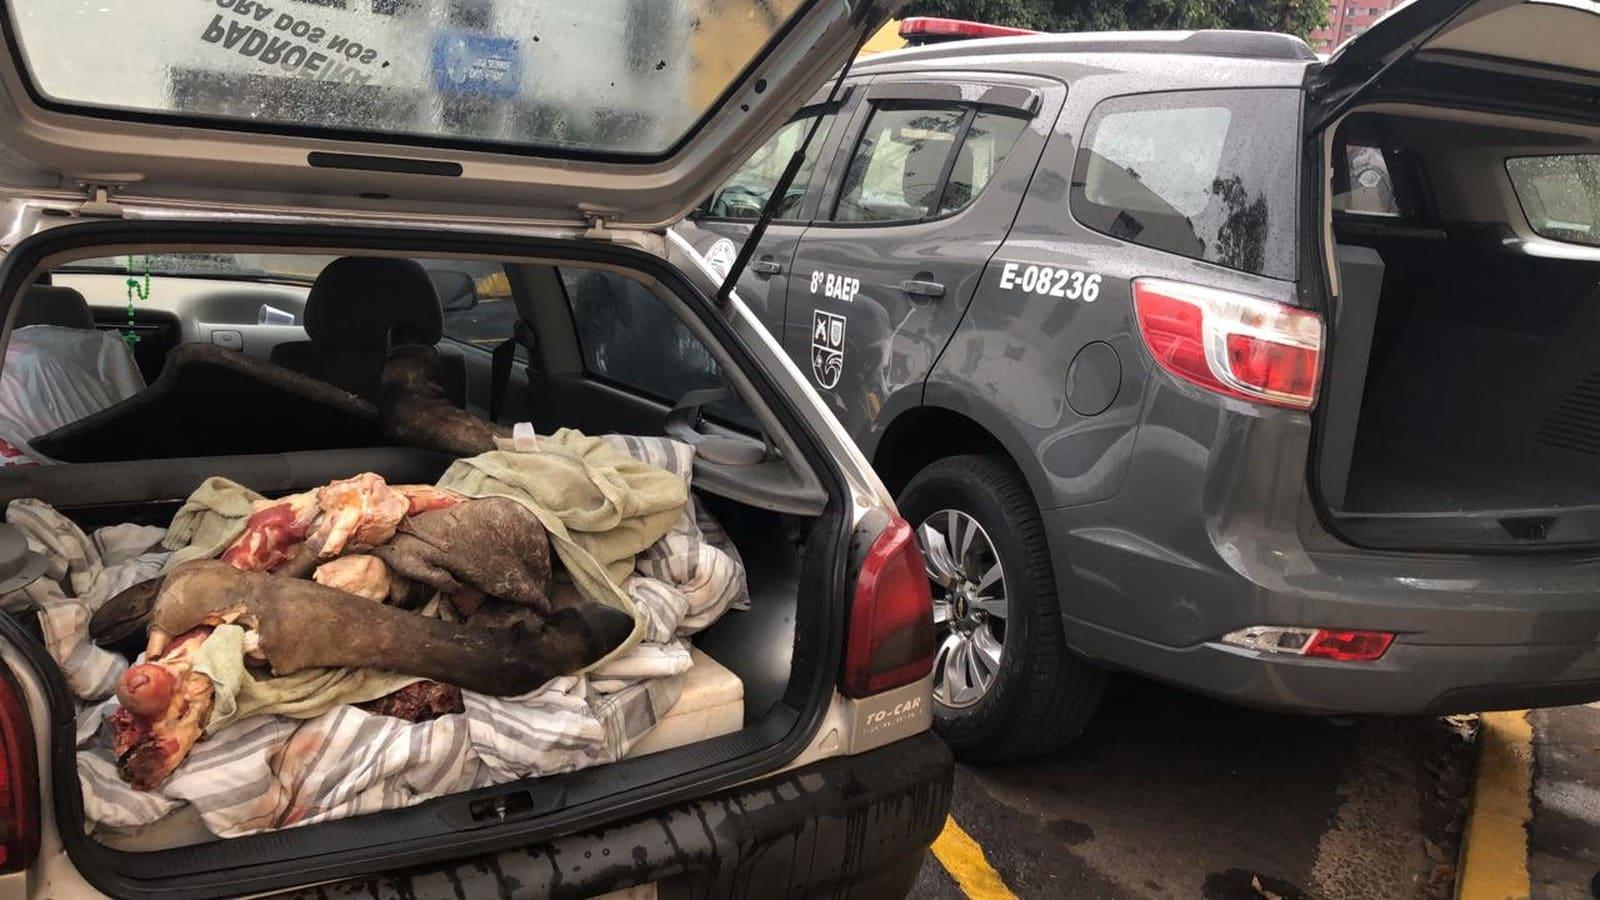 Homens foram presos por furto de gado em Presidente Prudente — Foto: David de Tarso/TV Fronteira